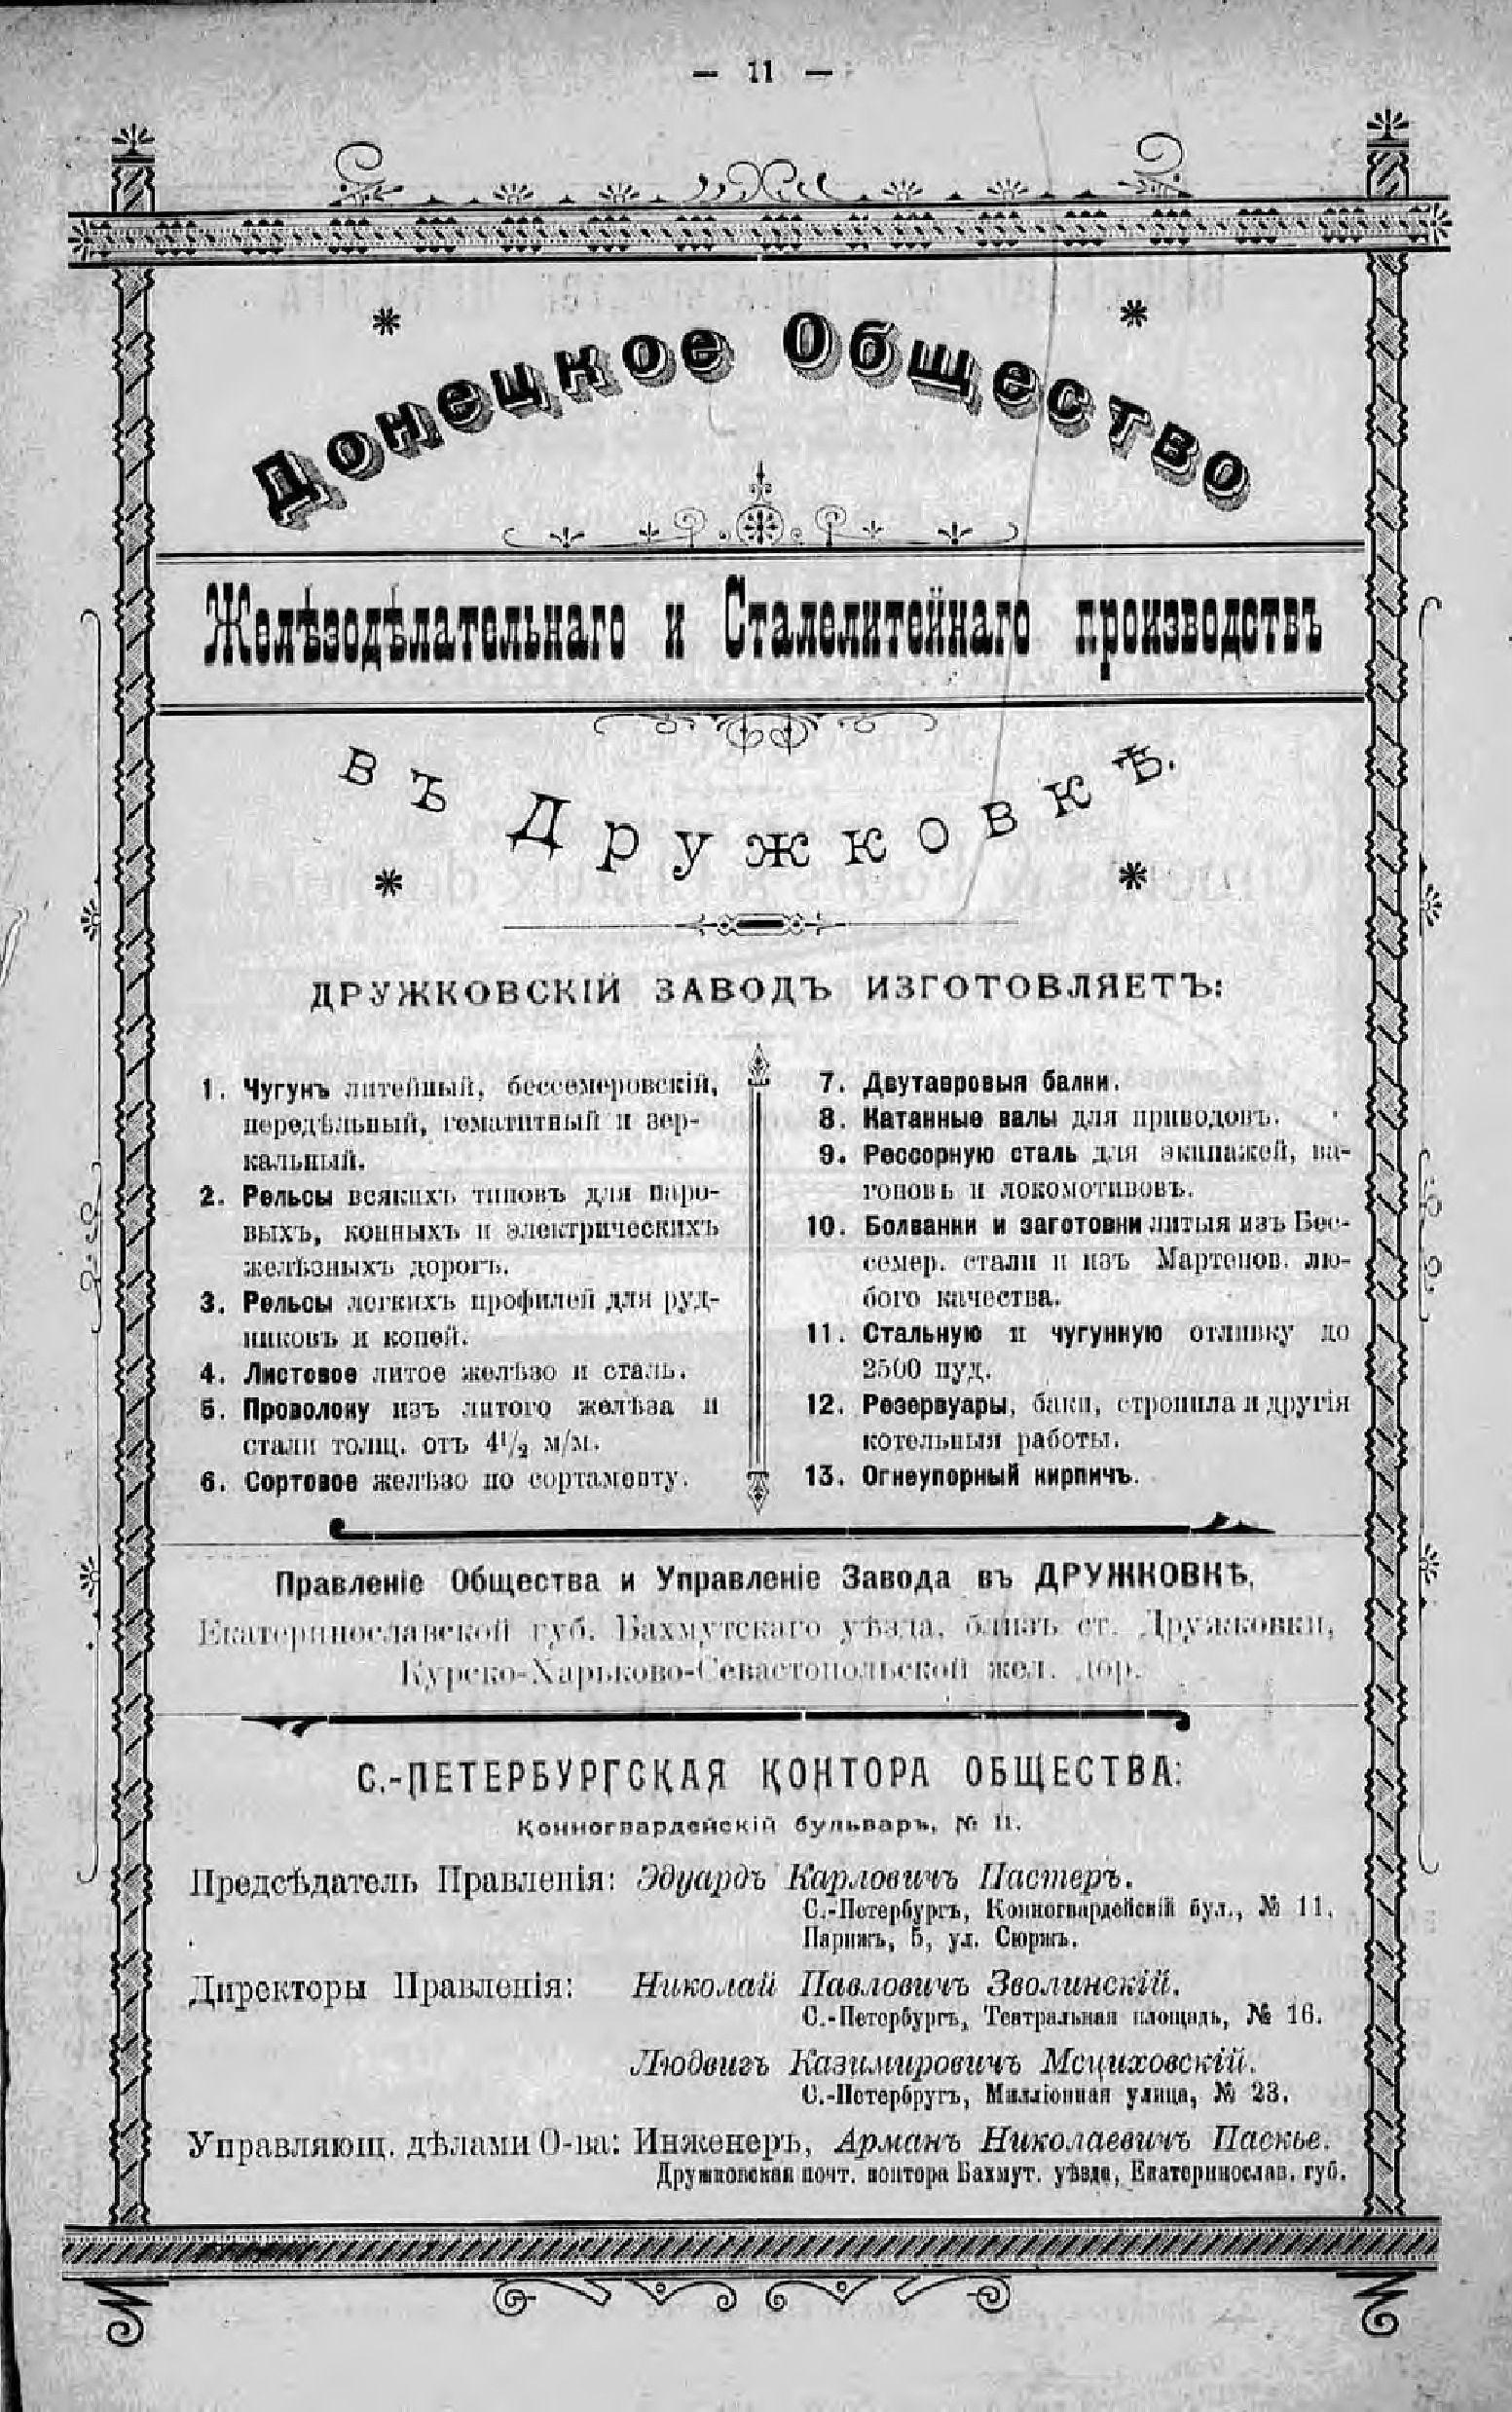 Фабрики, заводы и рудники. Справочная книга Екатериносл. губ. 1902-1903-1[1].jpg